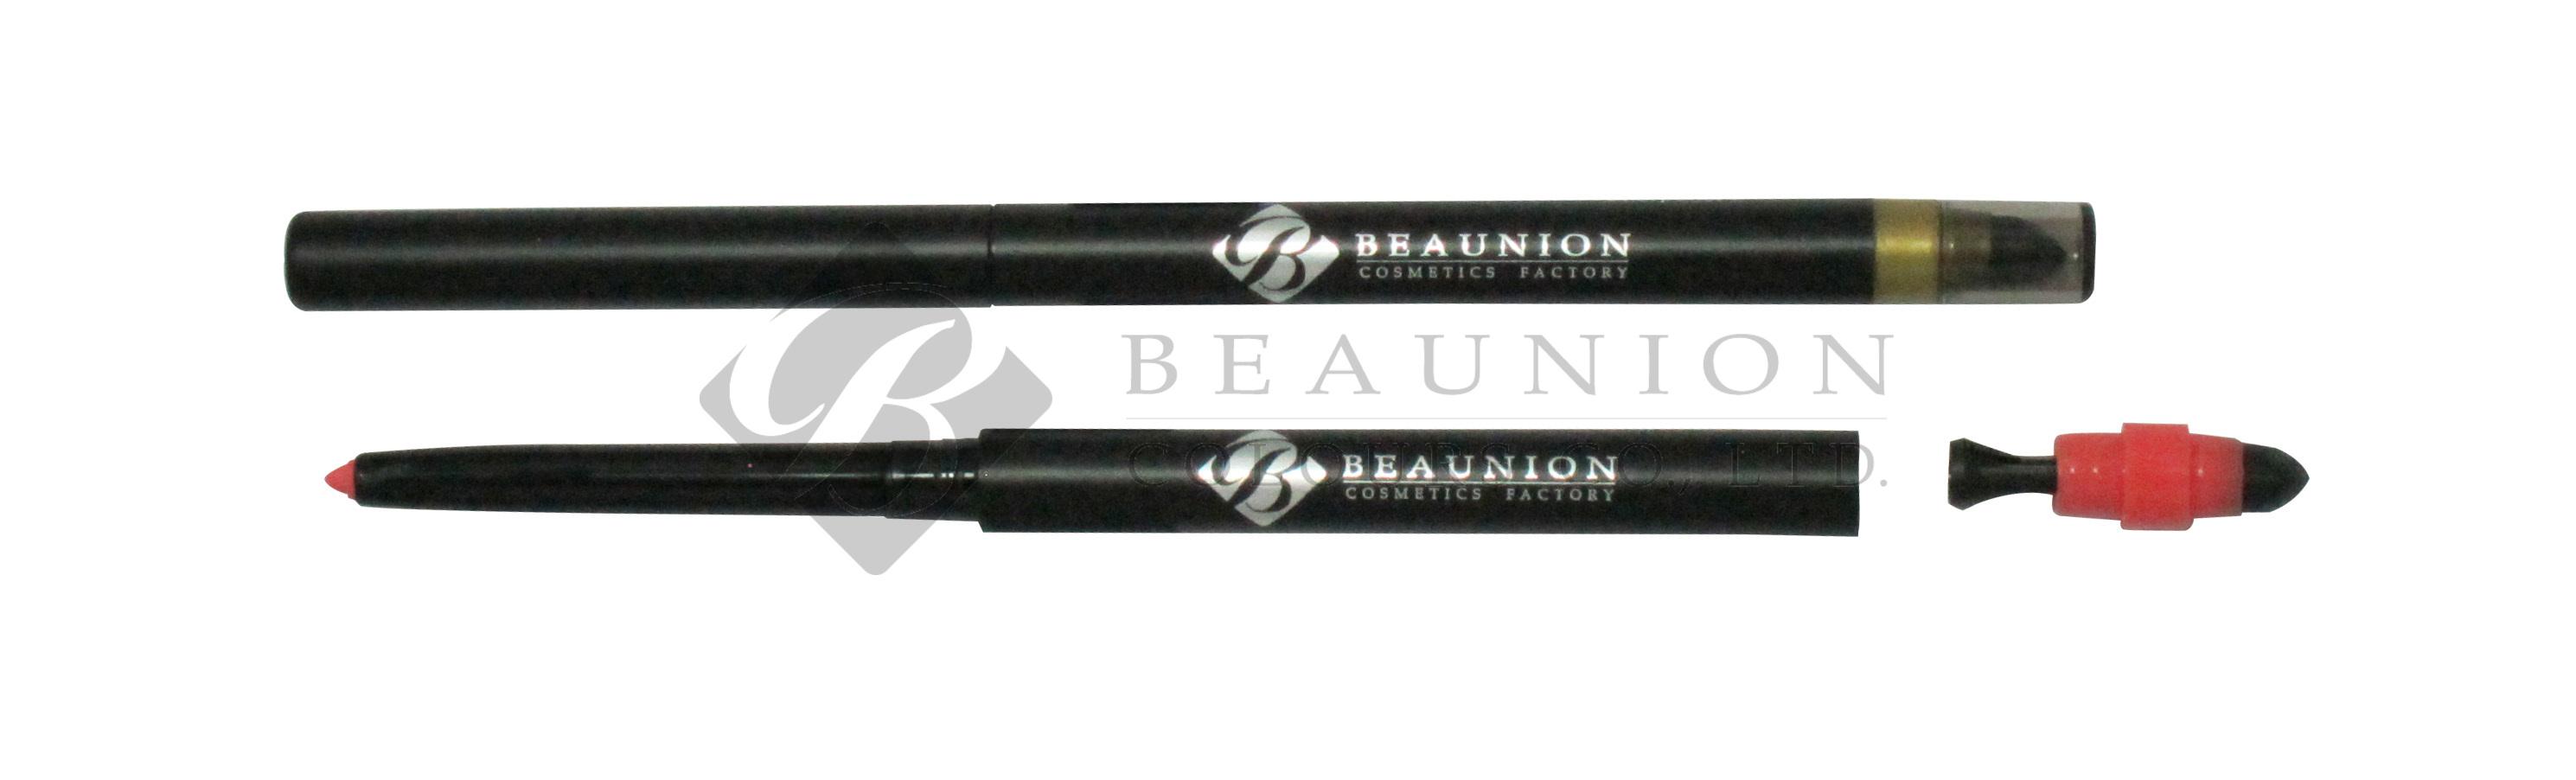 SCY-609 Twist Up Eyeliner / Eye Shadow Pencil / Eyeliner/ Brow Pencil / Gel Eyeliner